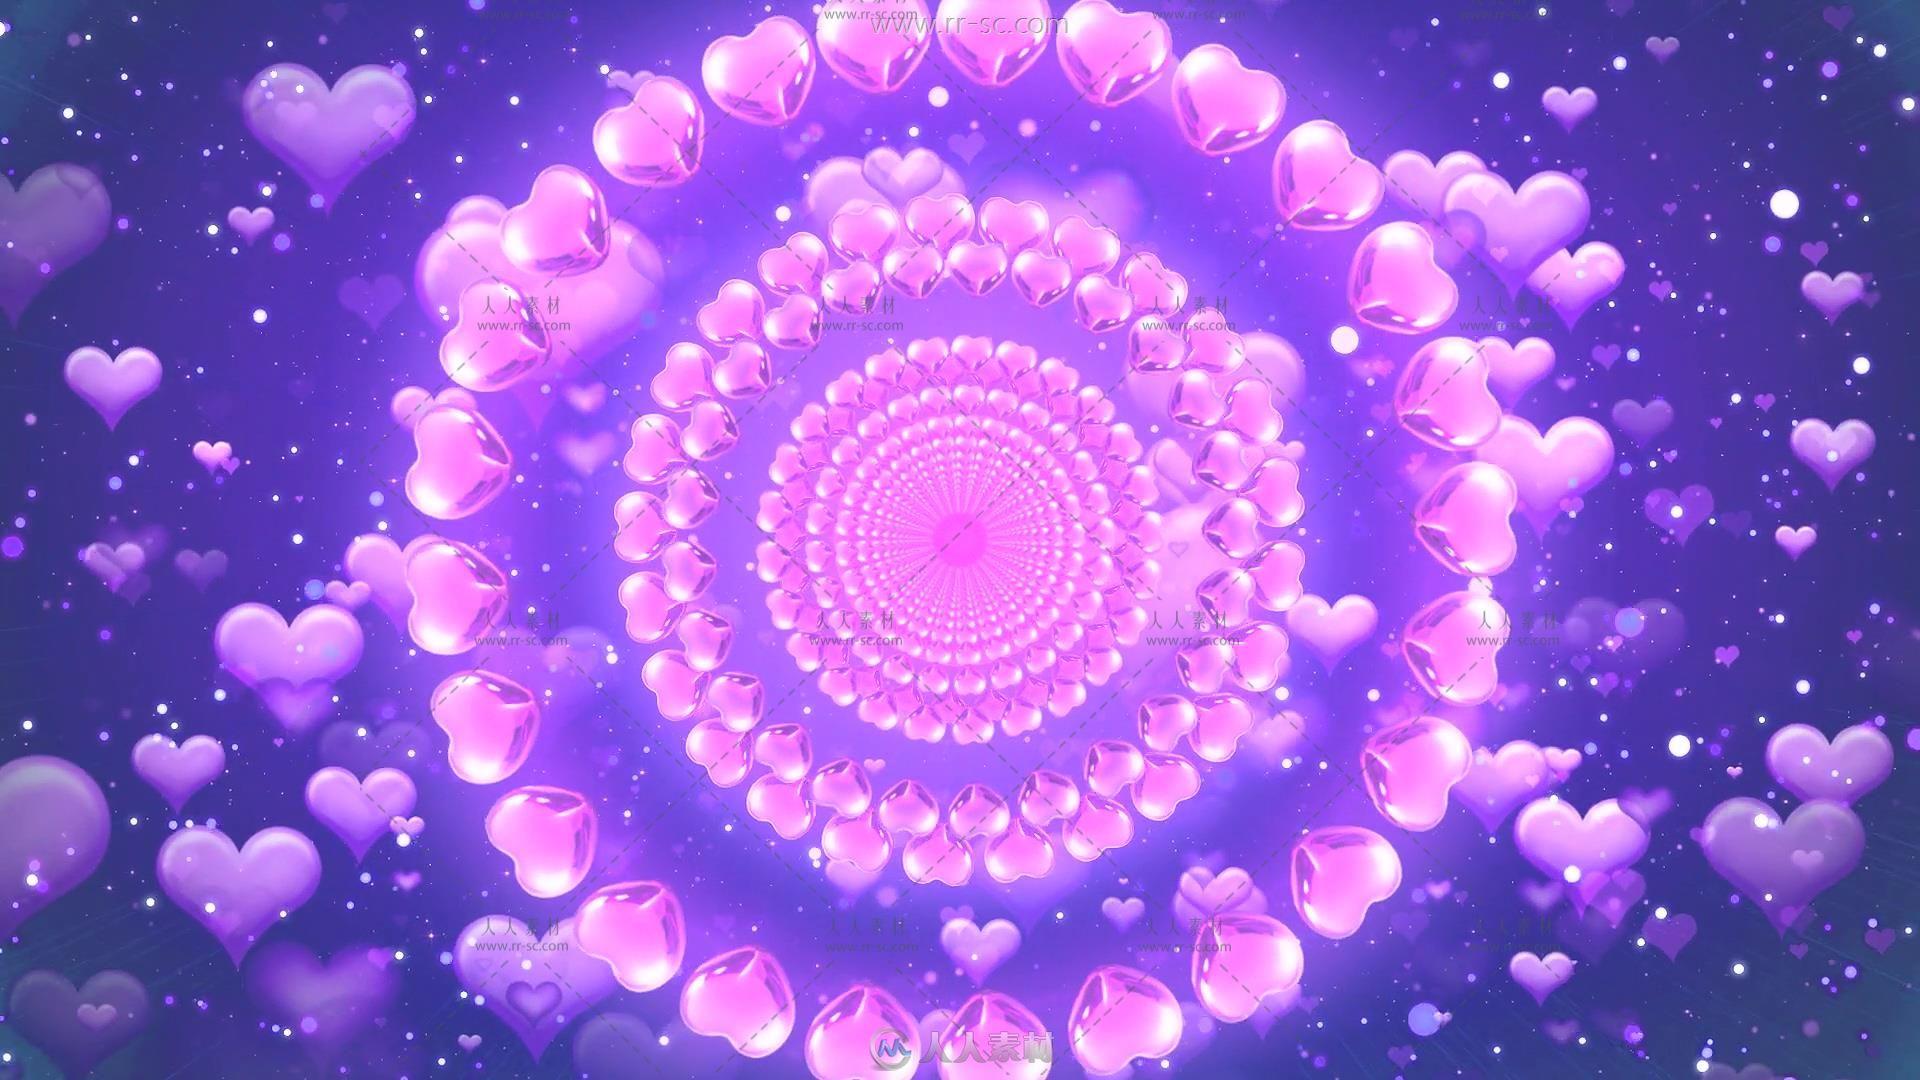 紫色心形爱心向外扩散背景视频素材